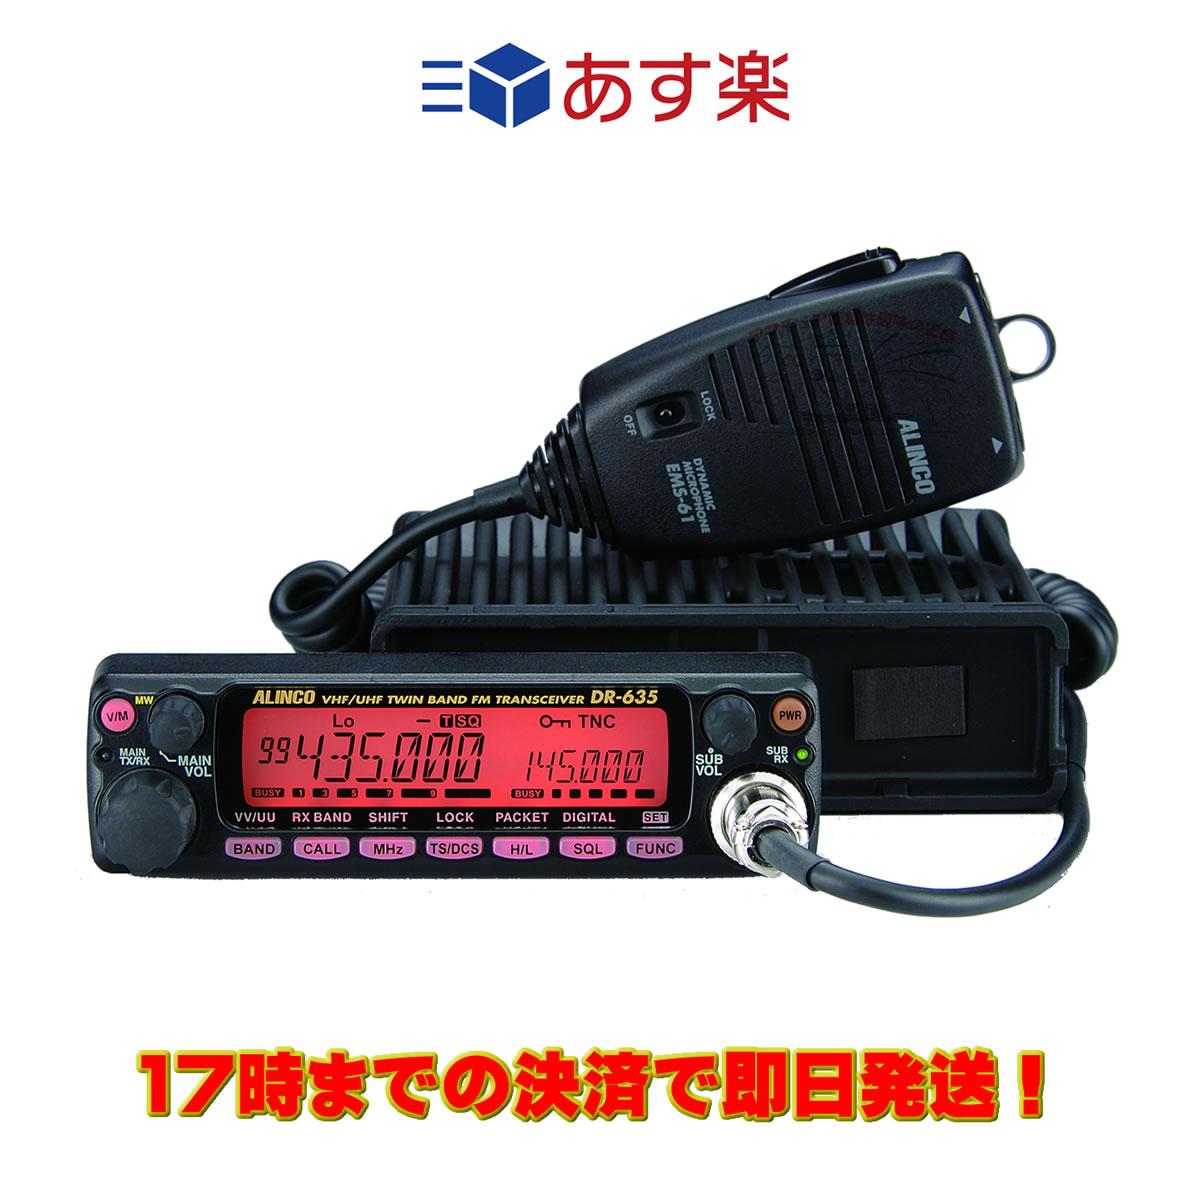 DR-635DV アルインコ 144/430MHz FMモービルトランシーバー 20W